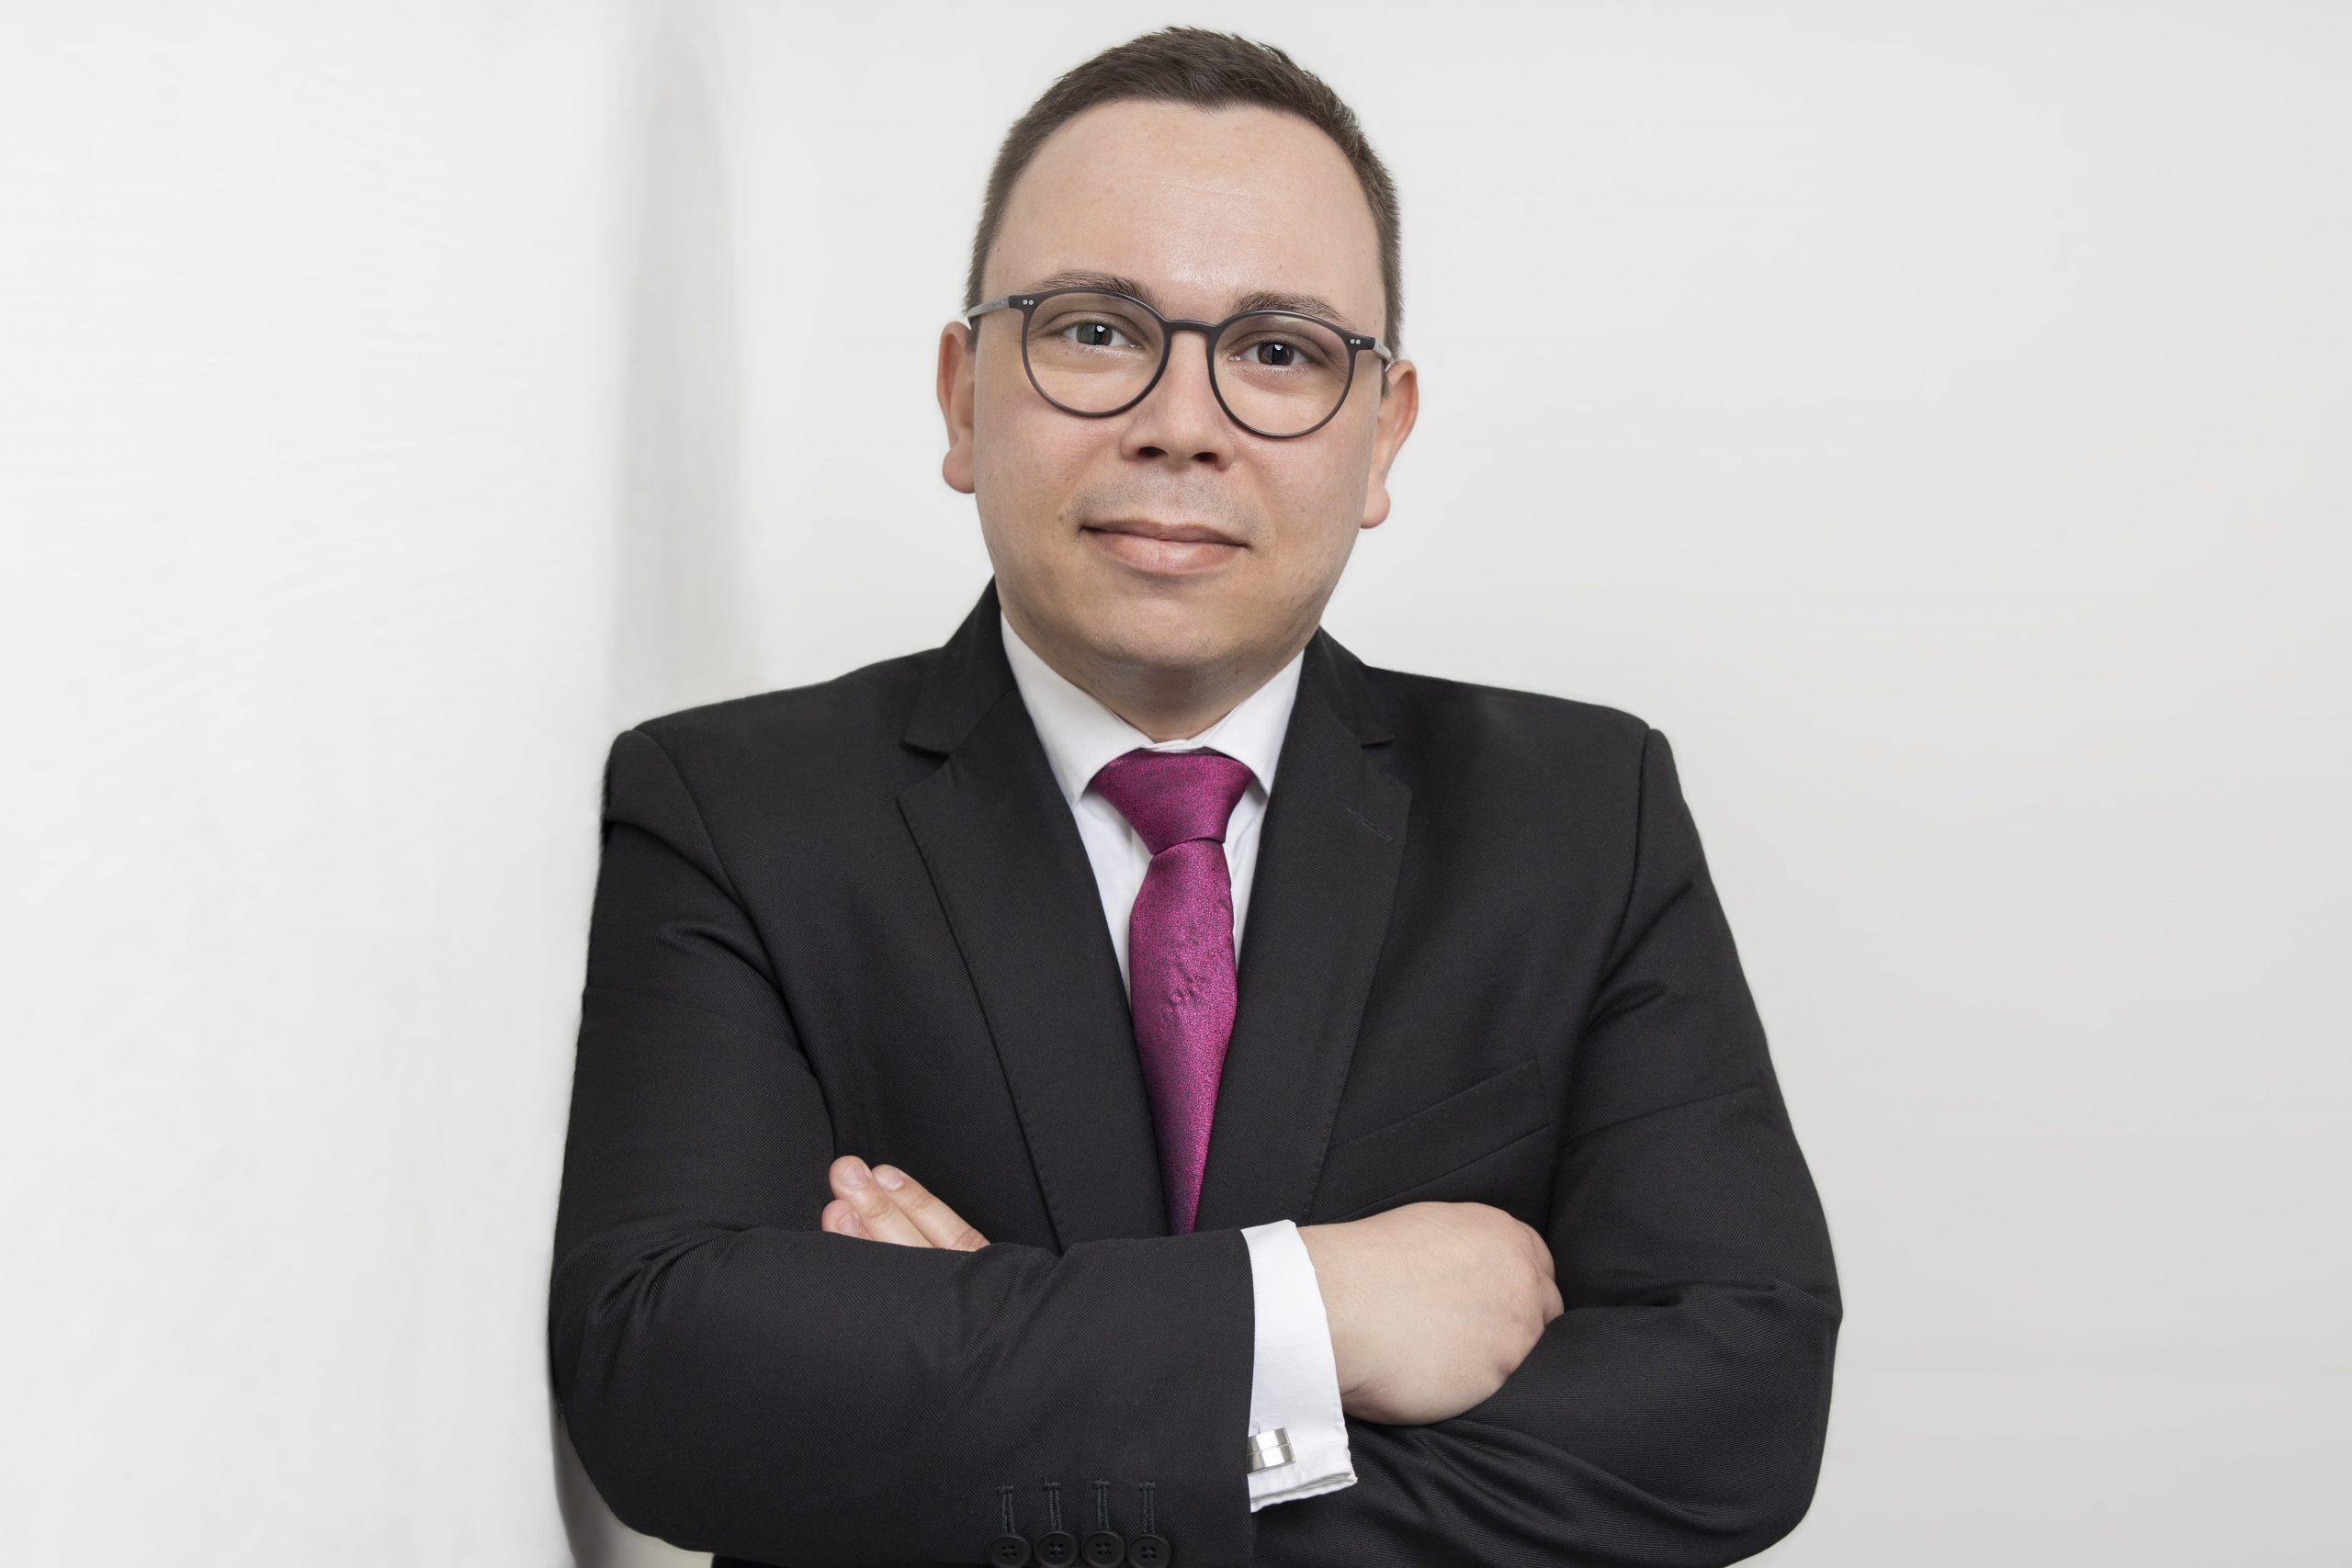 Jens und sein Team sind bei der Mannheim Business School für das Mannheimer Netzwerk verantwortlich - bestehend aus Studierenden, Alumni und Corporate Partnern